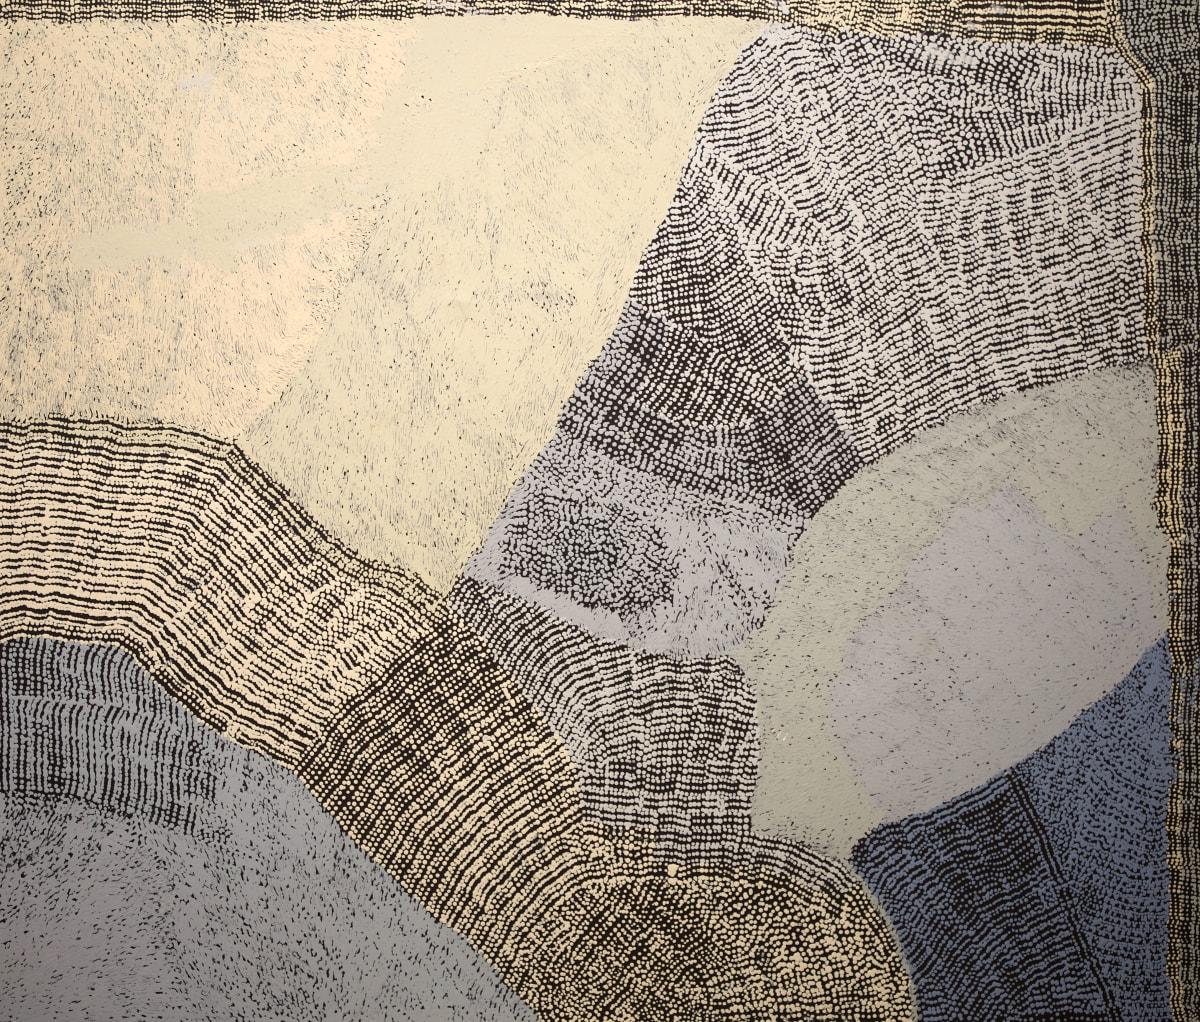 Pepai Jangala Carroll Ilpili, 2018 acrylic on linen 155 x 184 cm